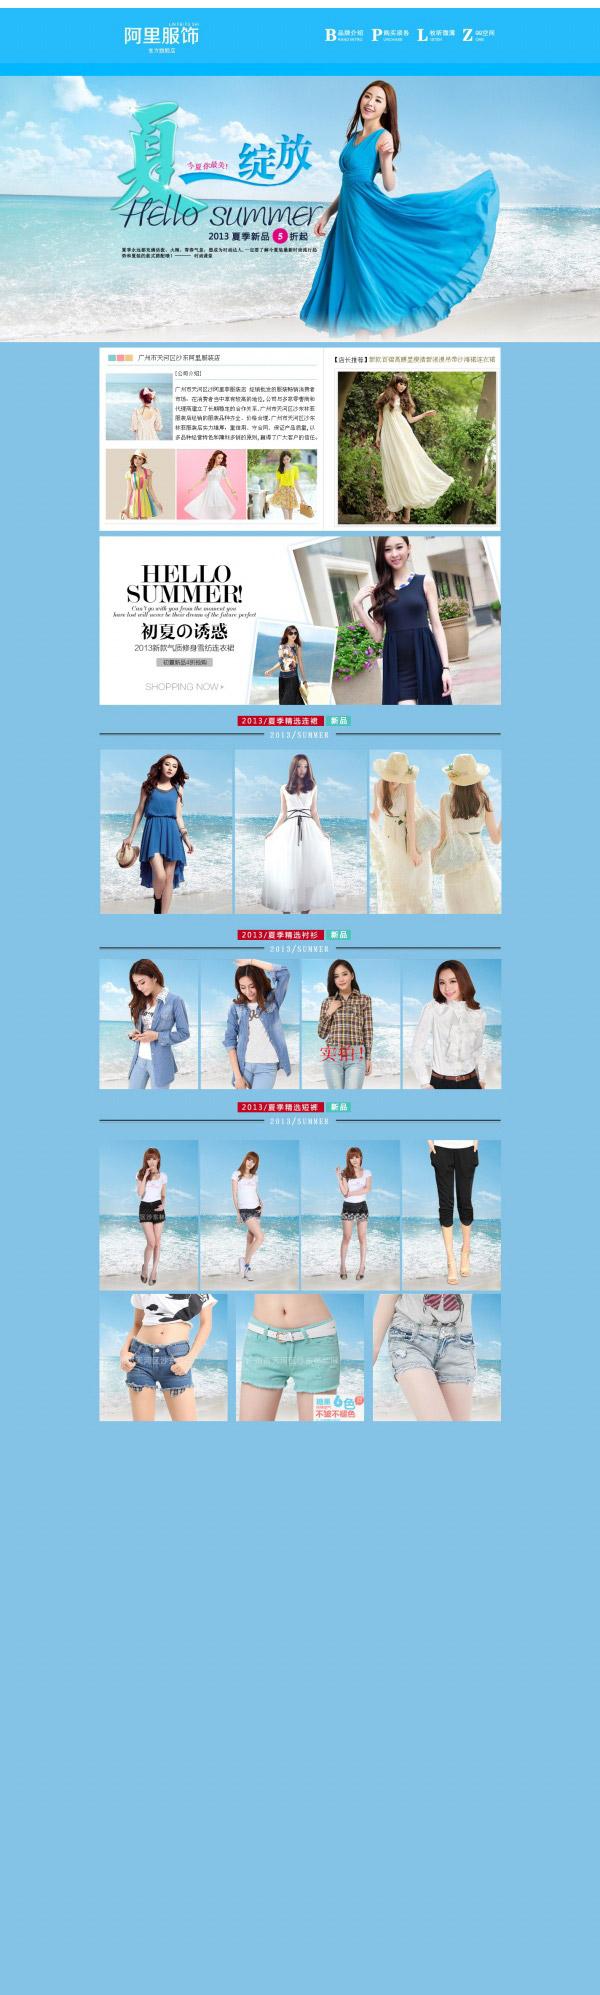 0 点 关键词: 淘宝女装店铺设计源文件,淘宝女装,店铺装修,网页设计